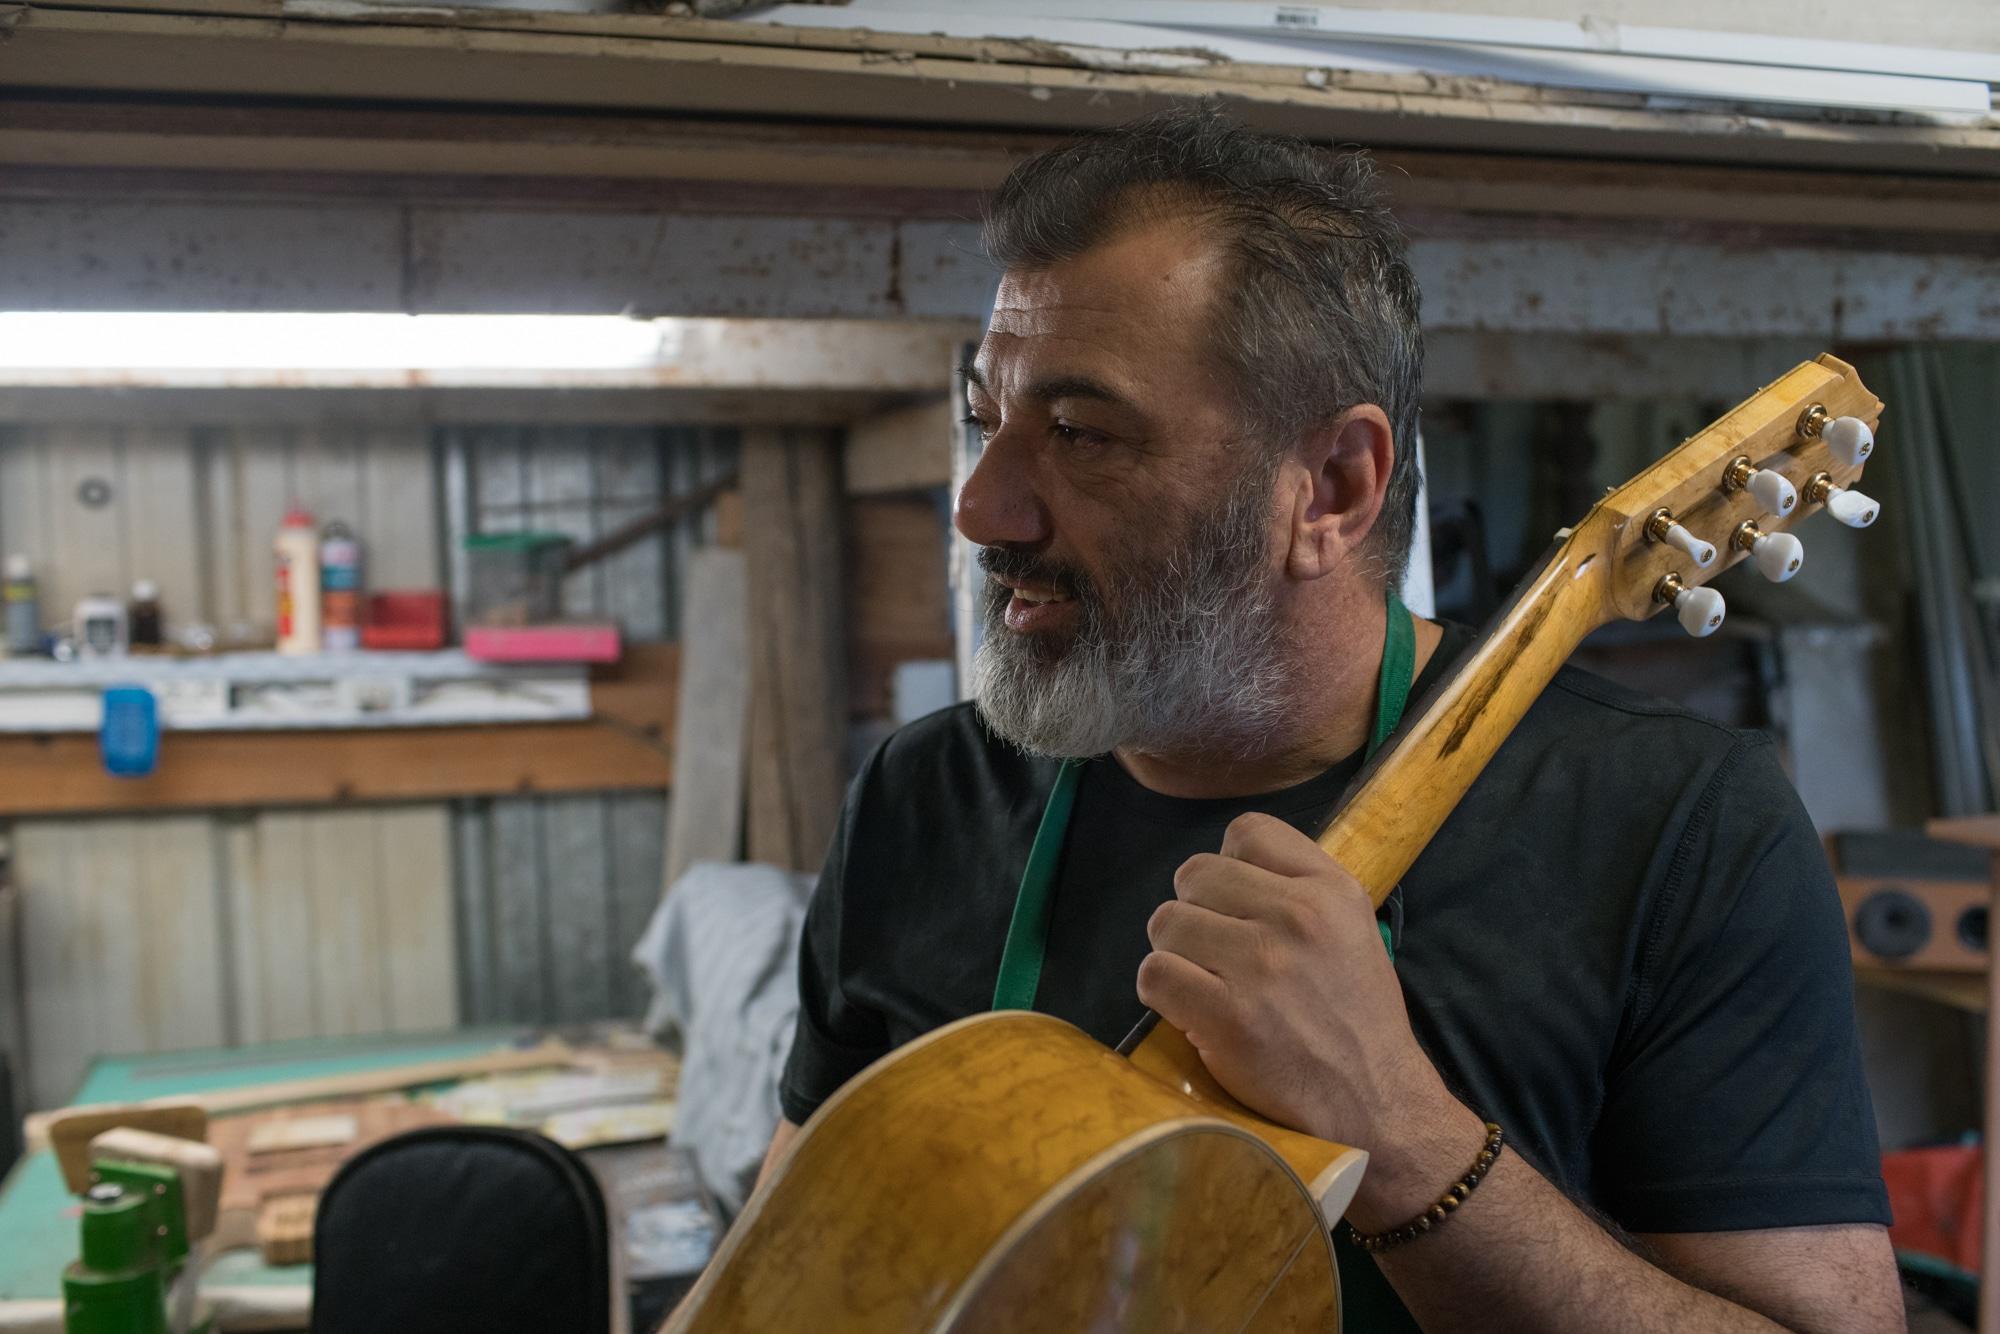 Pierre, une guitare dans la main gauche, dans son atelier.